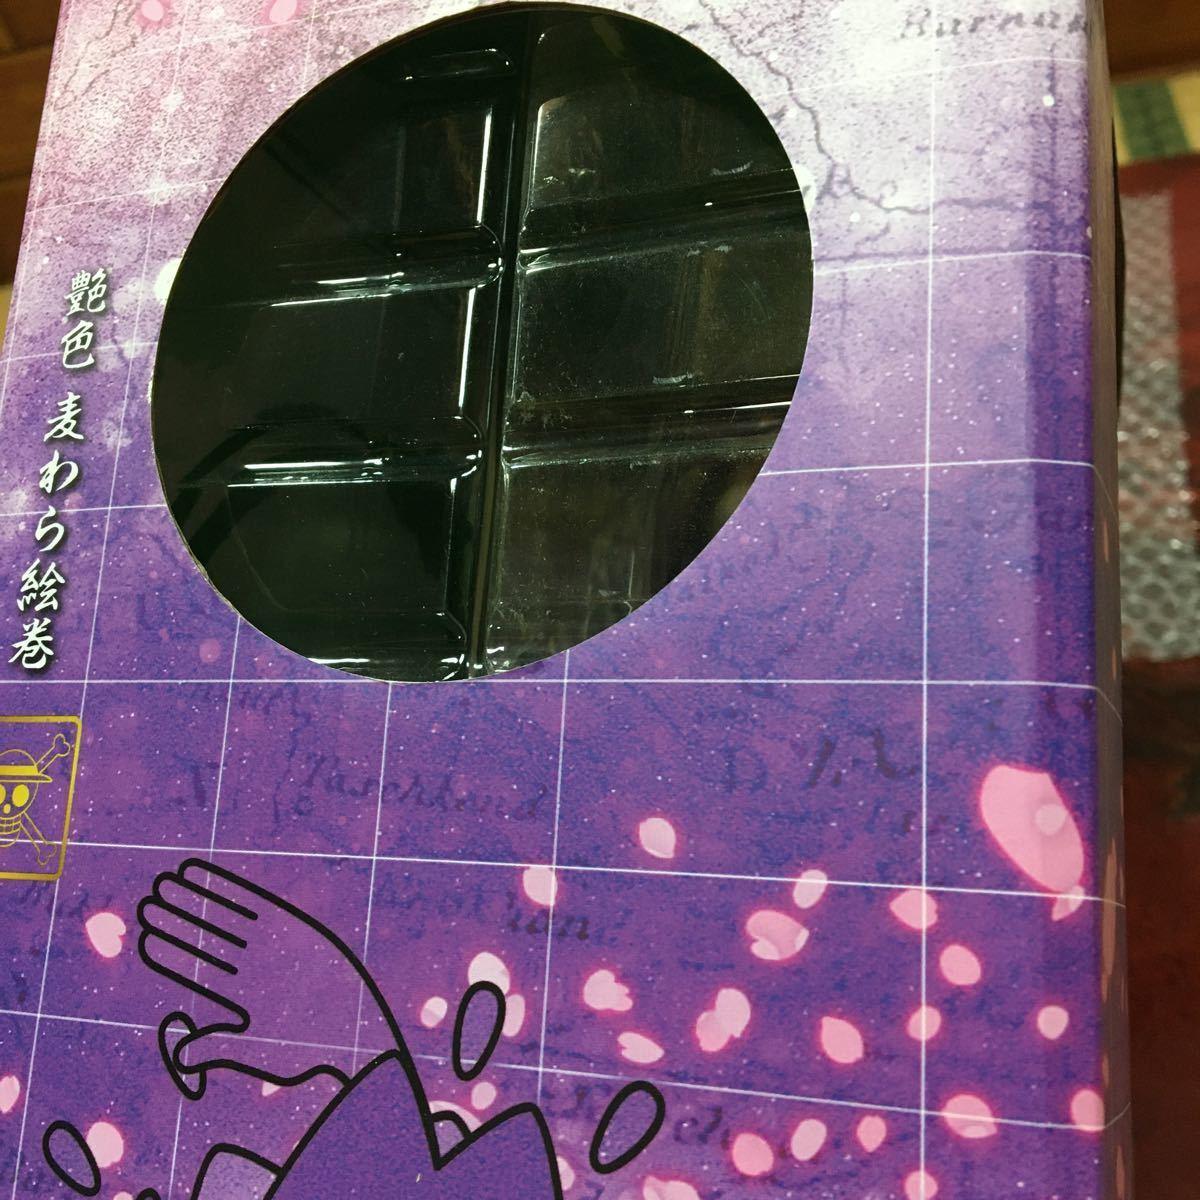 ワンピースフィギュア ニコ・ロビン 3種 未開封品 一番くじ 艶色麦わら絵巻 / DXF GRANDLINE LADY 15TH / Figuarts 20TH ANNIVERSARY